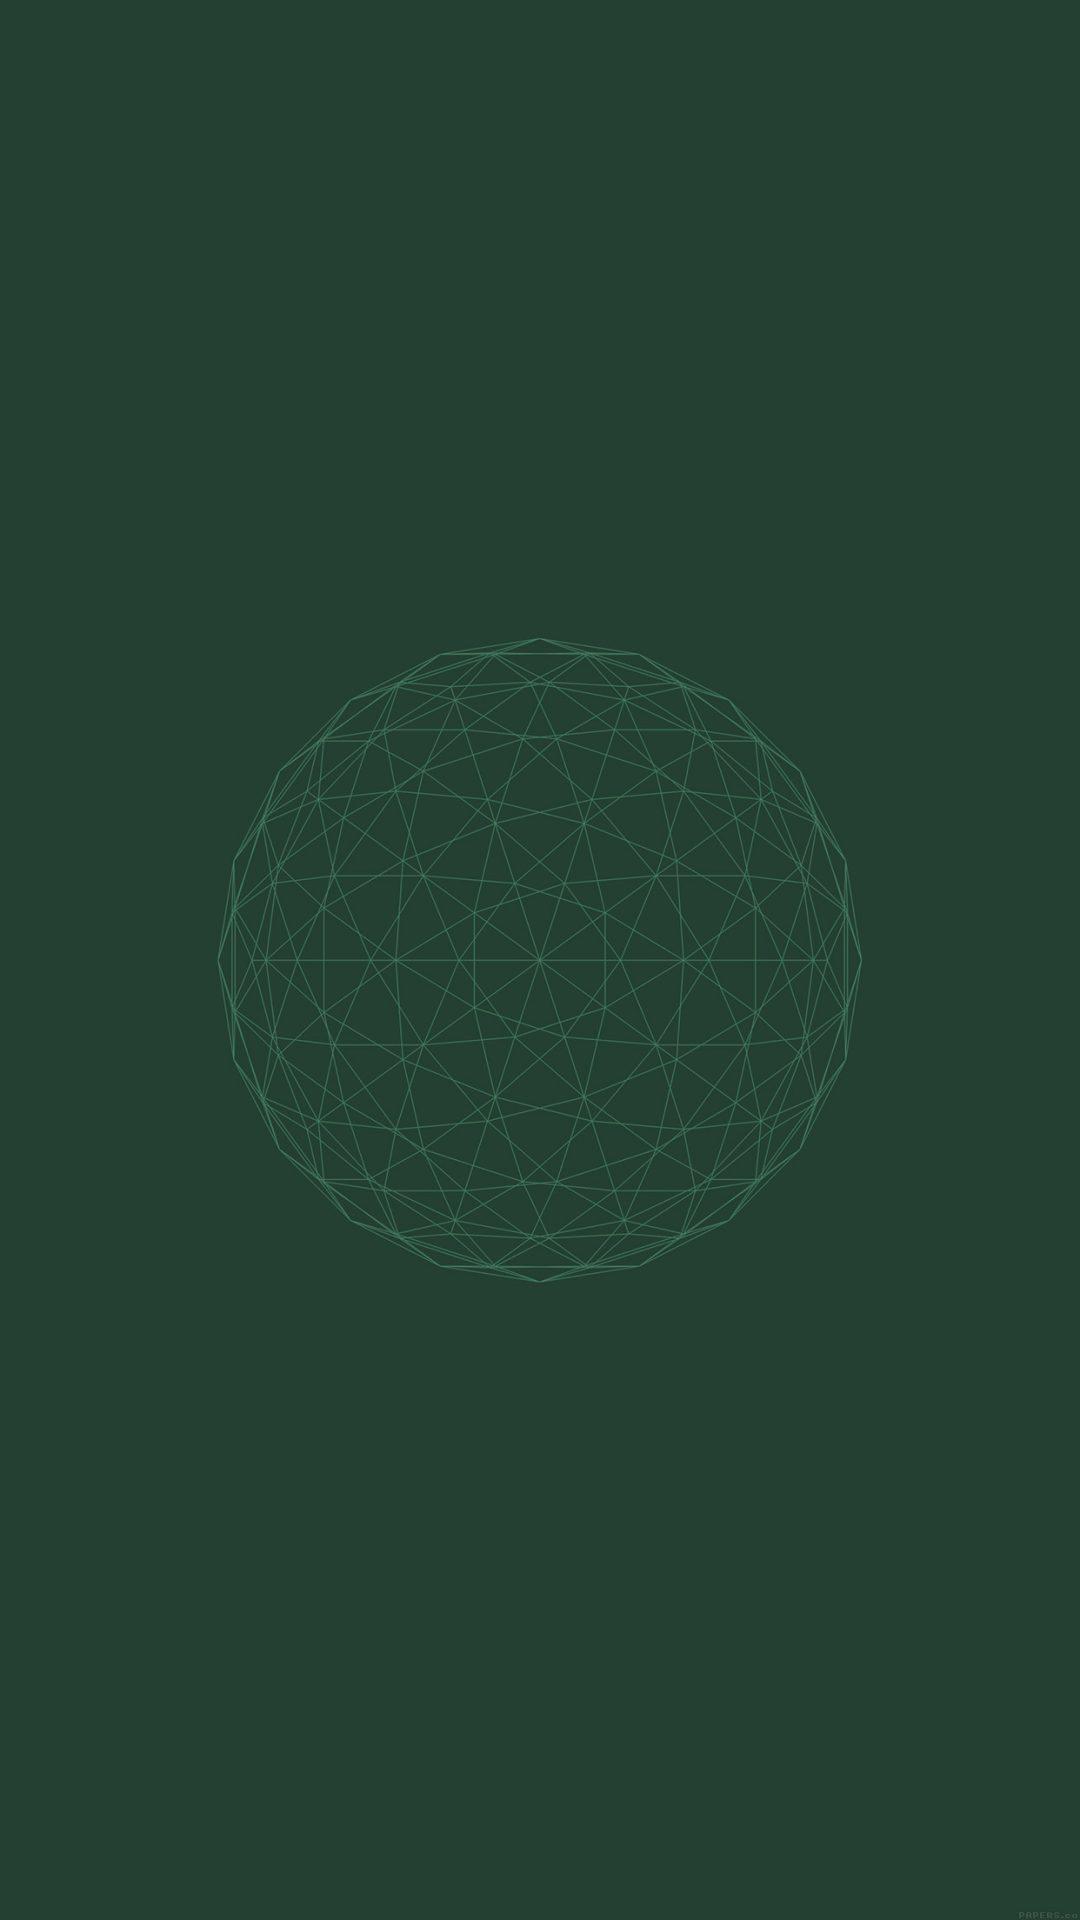 Line Abstract Circle 3d Art Greeb